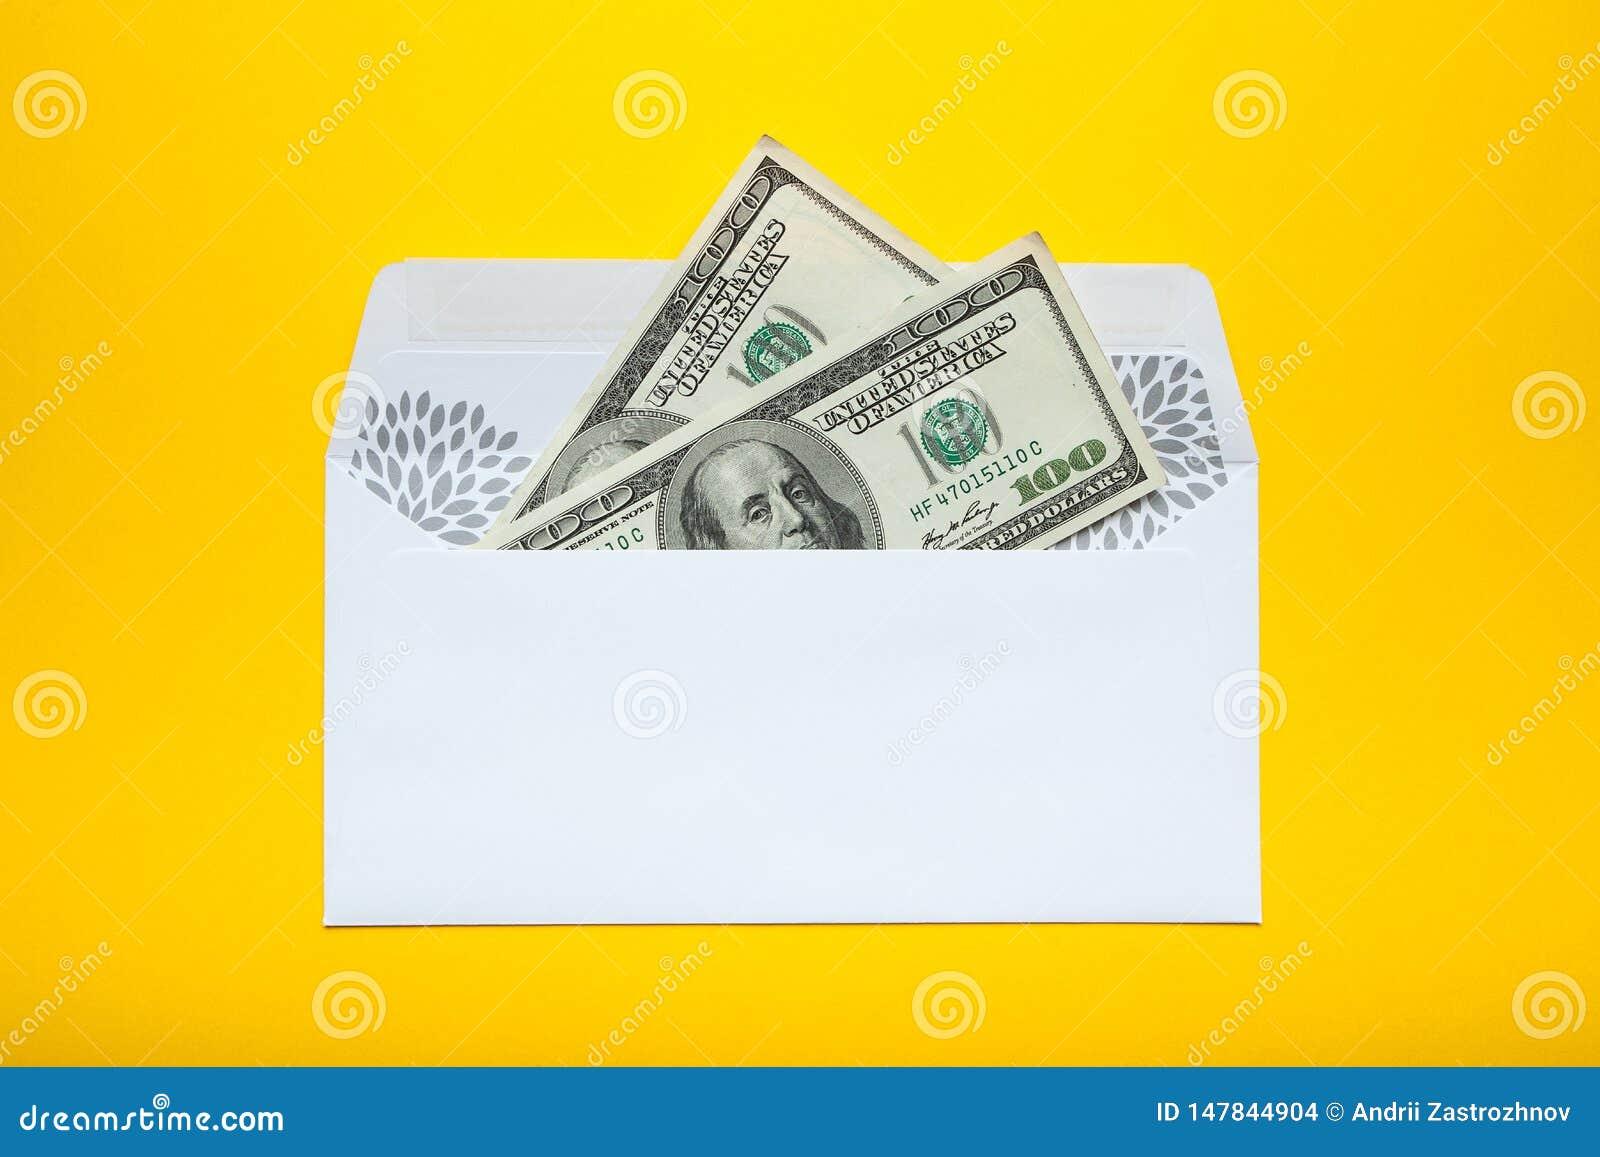 Αμερικανικά δολάρια στον άσπρο φάκελο που απομονώνεται στο κίτρινο υπόβαθρο